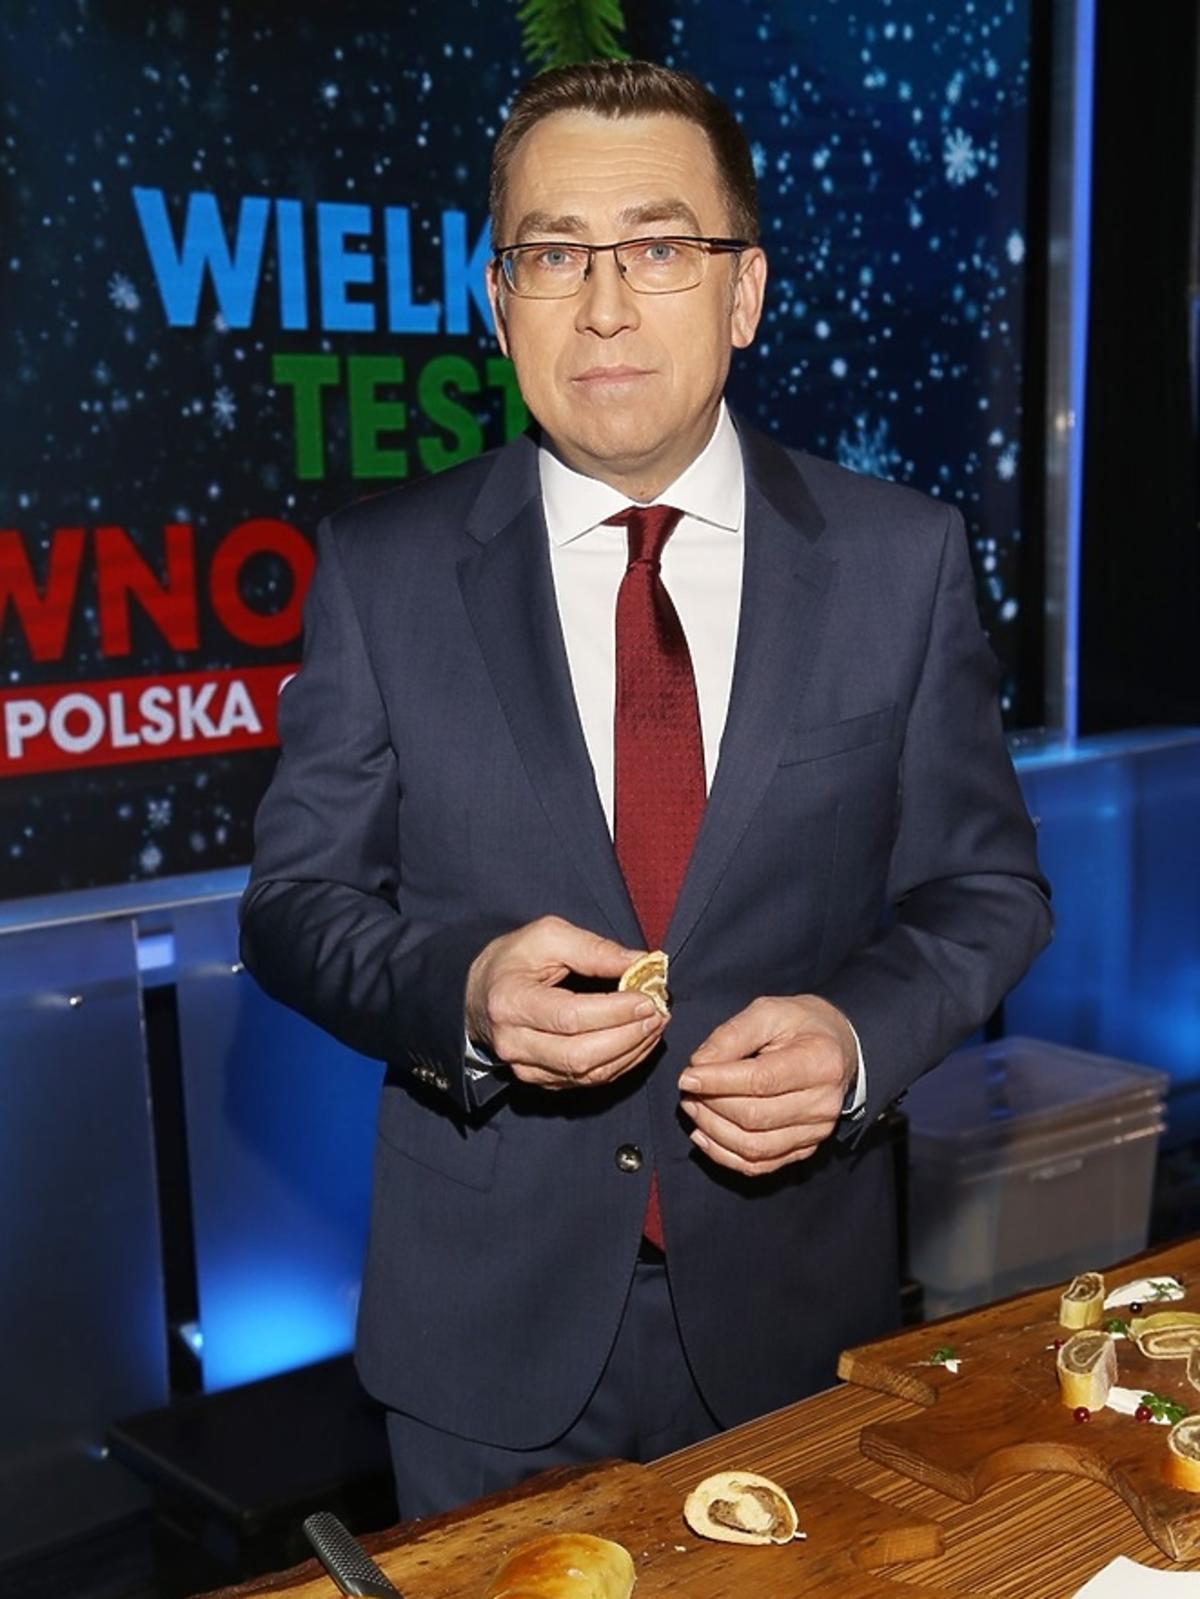 Maciej Orłoś w garniturze